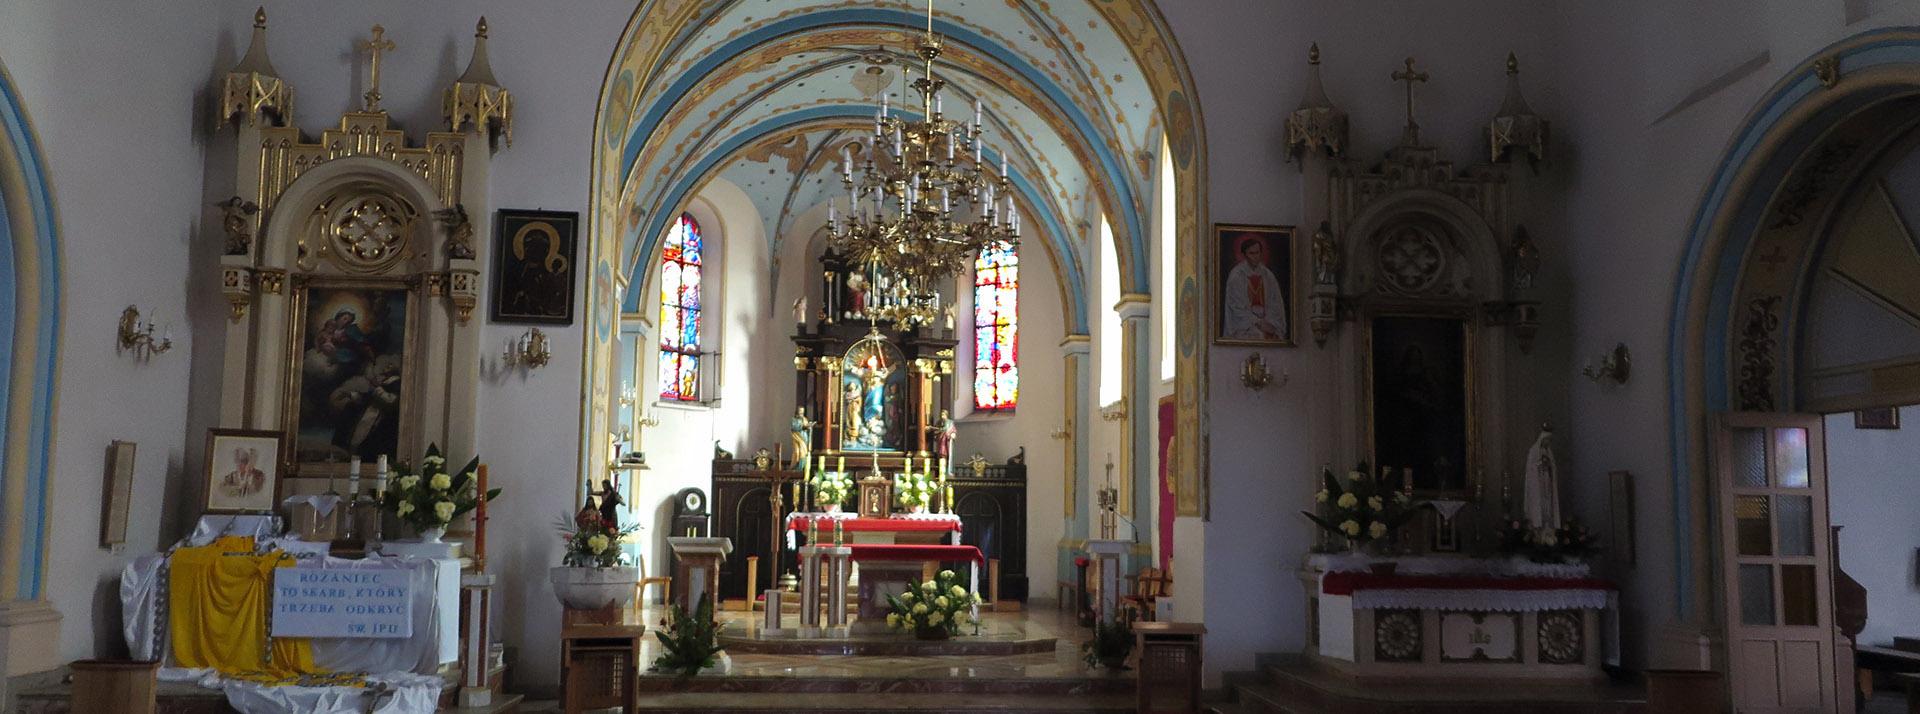 Serdecznie witamy na stronie kościoła rzymskokatolickiego pw. Wniebowzięcia Najświętszej Maryi Panny w Radziejowie